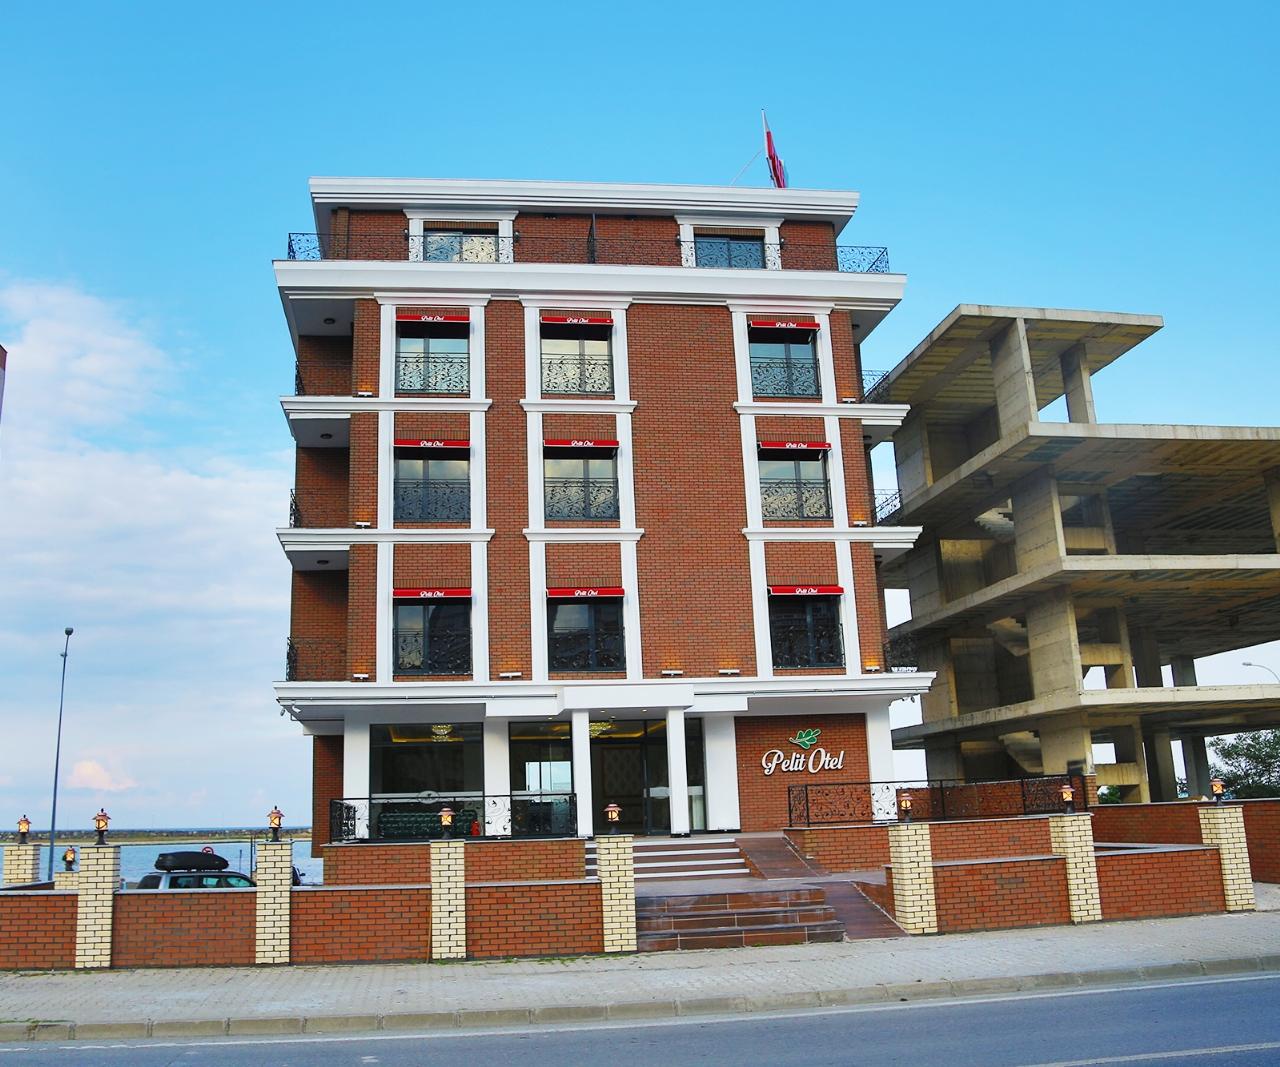 Atakum Pelit Otel (Pansiyon)